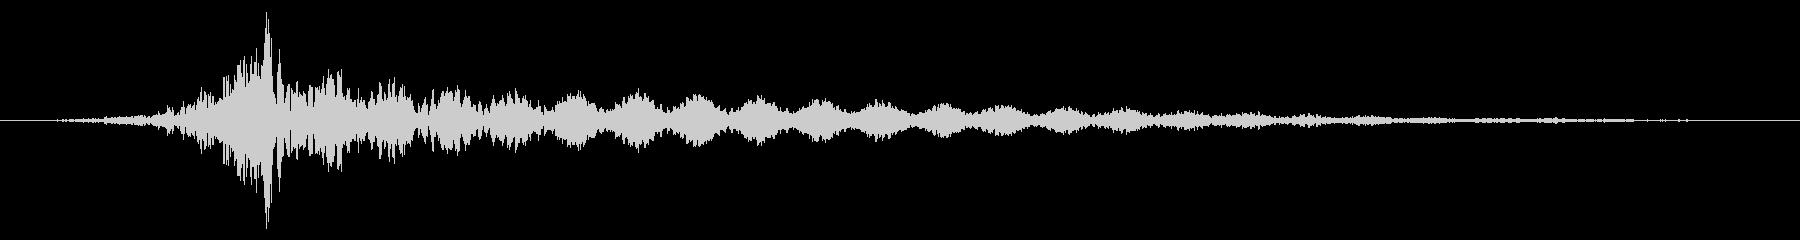 ホラー系アタック音126の未再生の波形